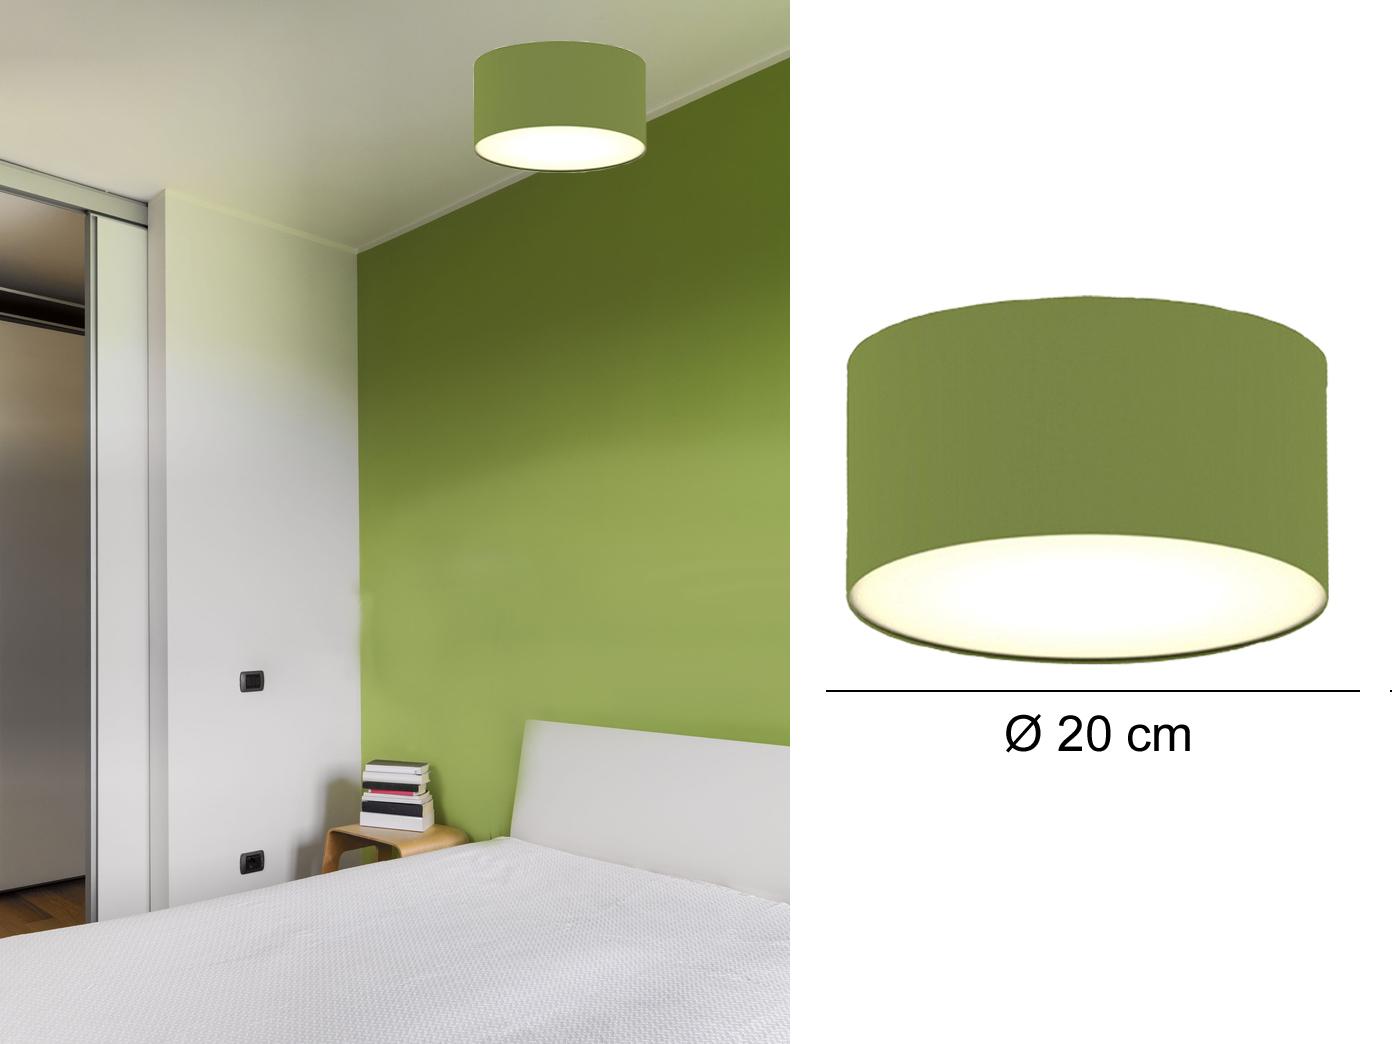 87 wohnzimmer deckenlampe rund wohnzimmerlampe. Black Bedroom Furniture Sets. Home Design Ideas